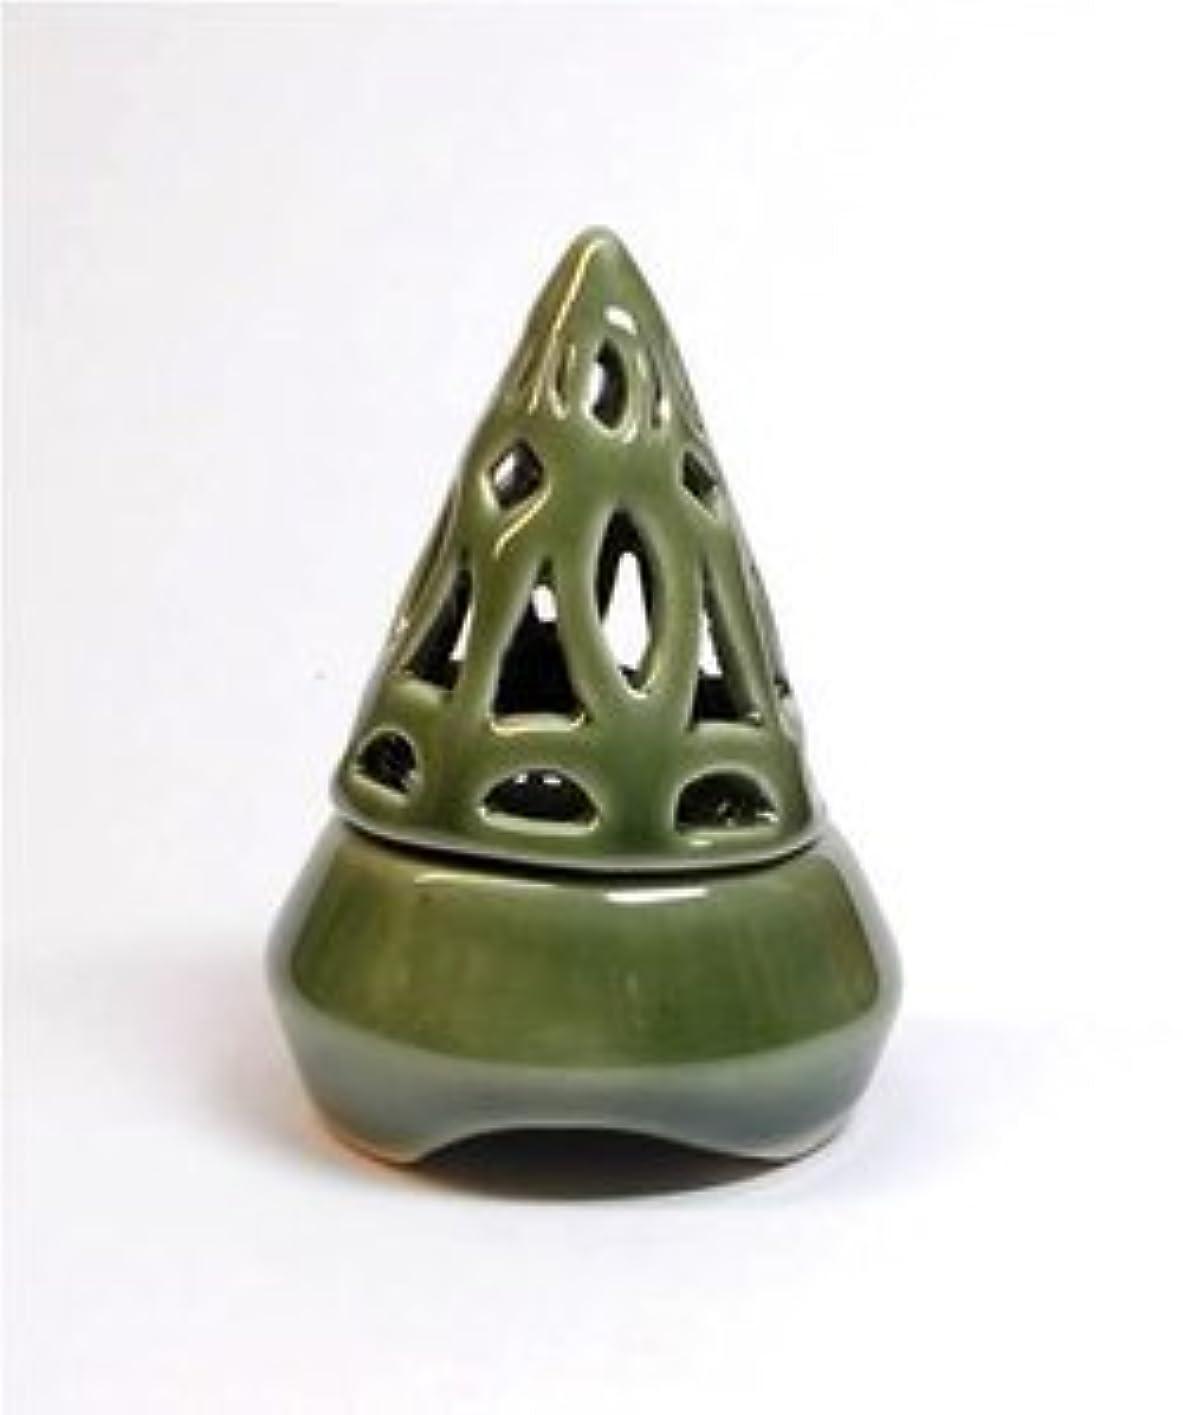 複雑な桁対処する香炉コーン型 緑 インセンス ホルダー コーン用 お香立て アジアン雑貨